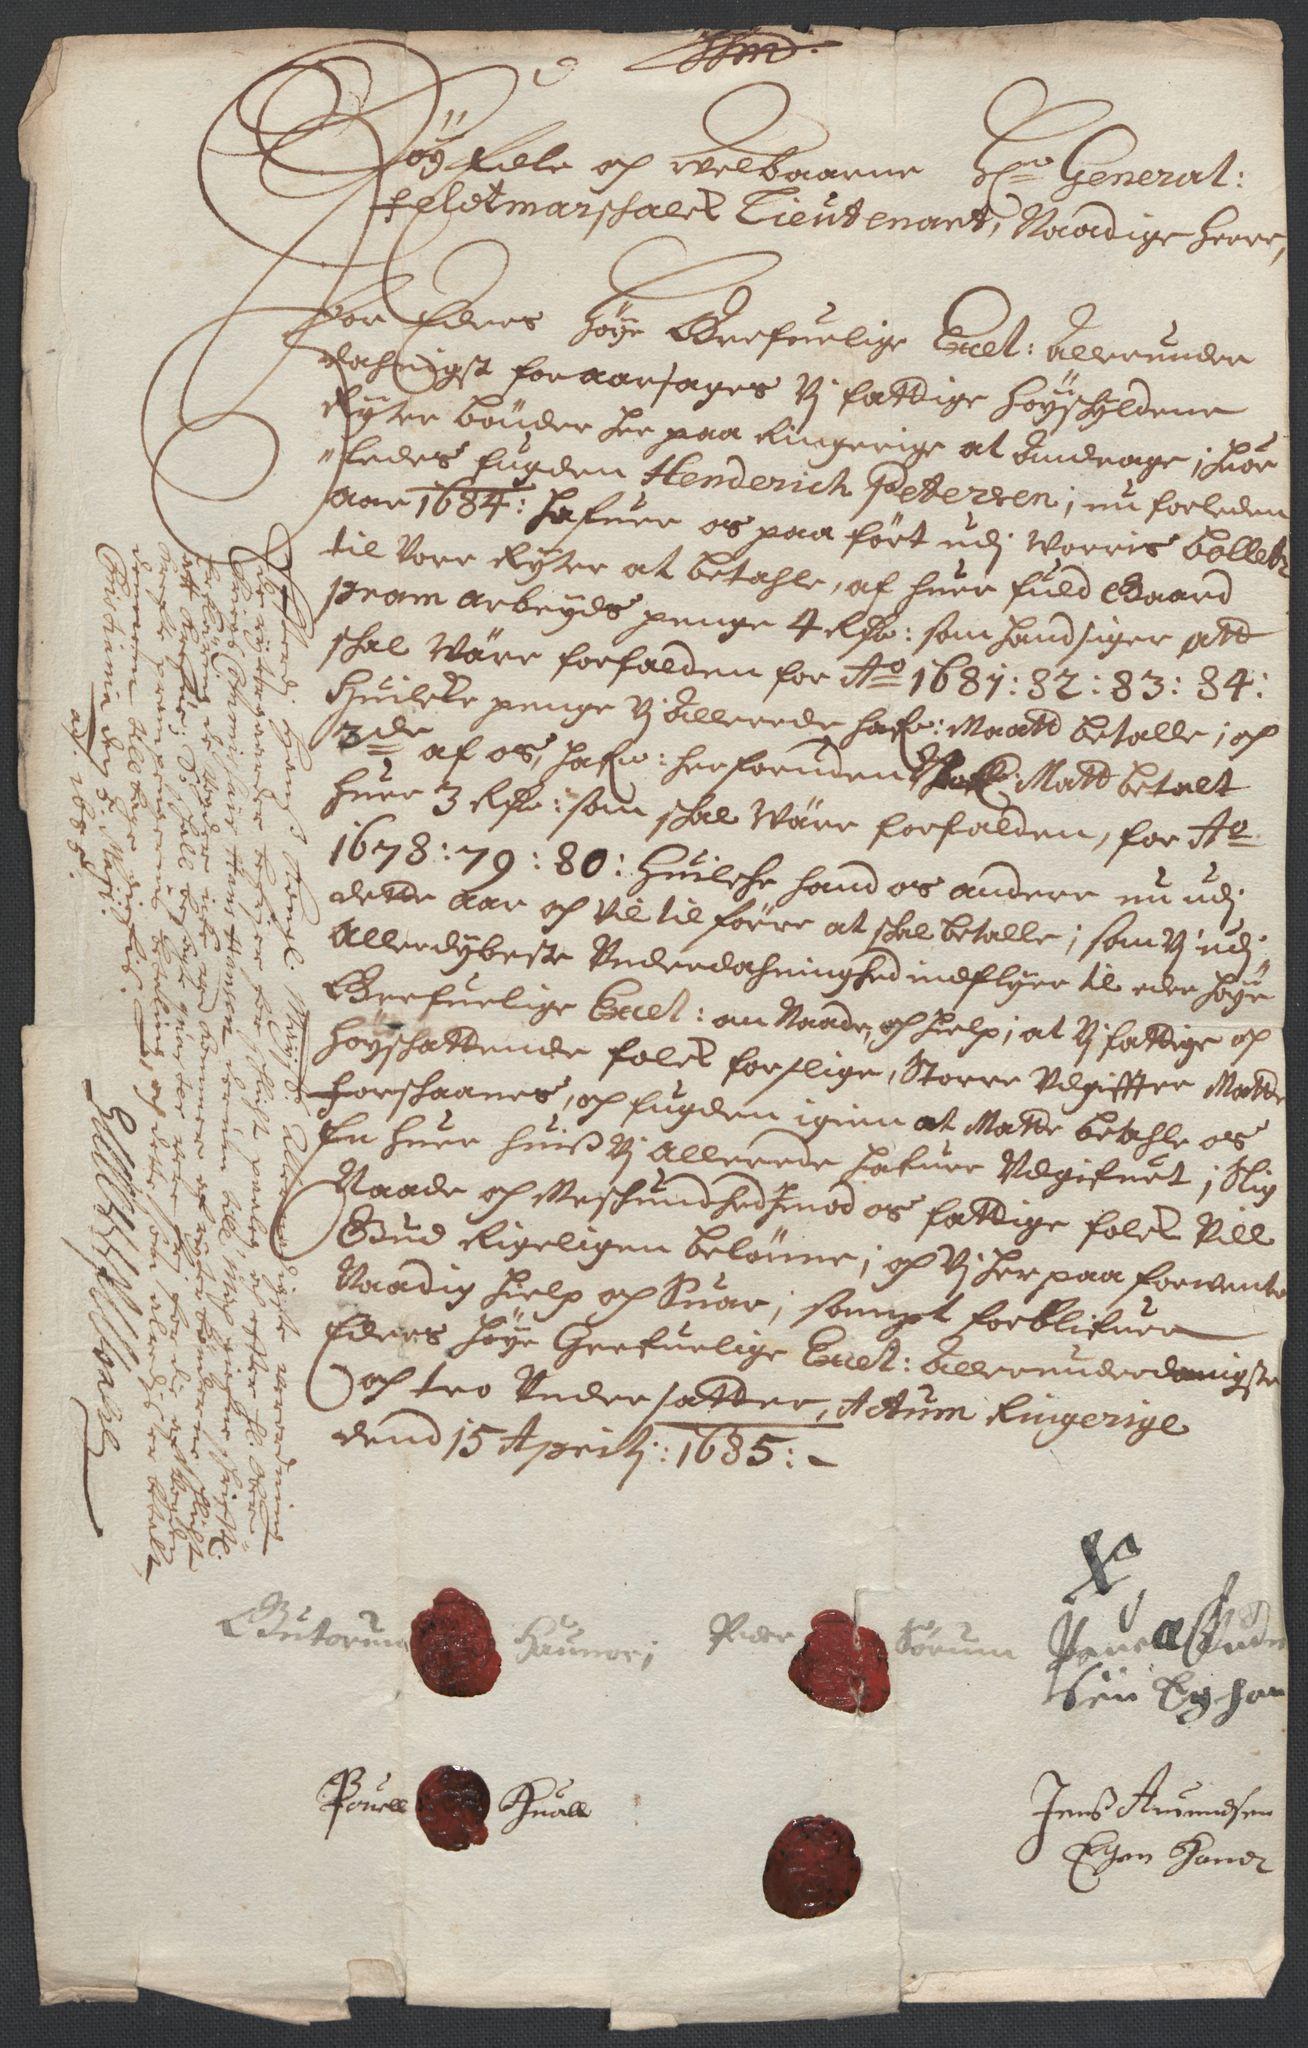 RA, Rentekammeret inntil 1814, Reviderte regnskaper, Fogderegnskap, R21/L1446: Fogderegnskap Ringerike og Hallingdal, 1683-1686, s. 410